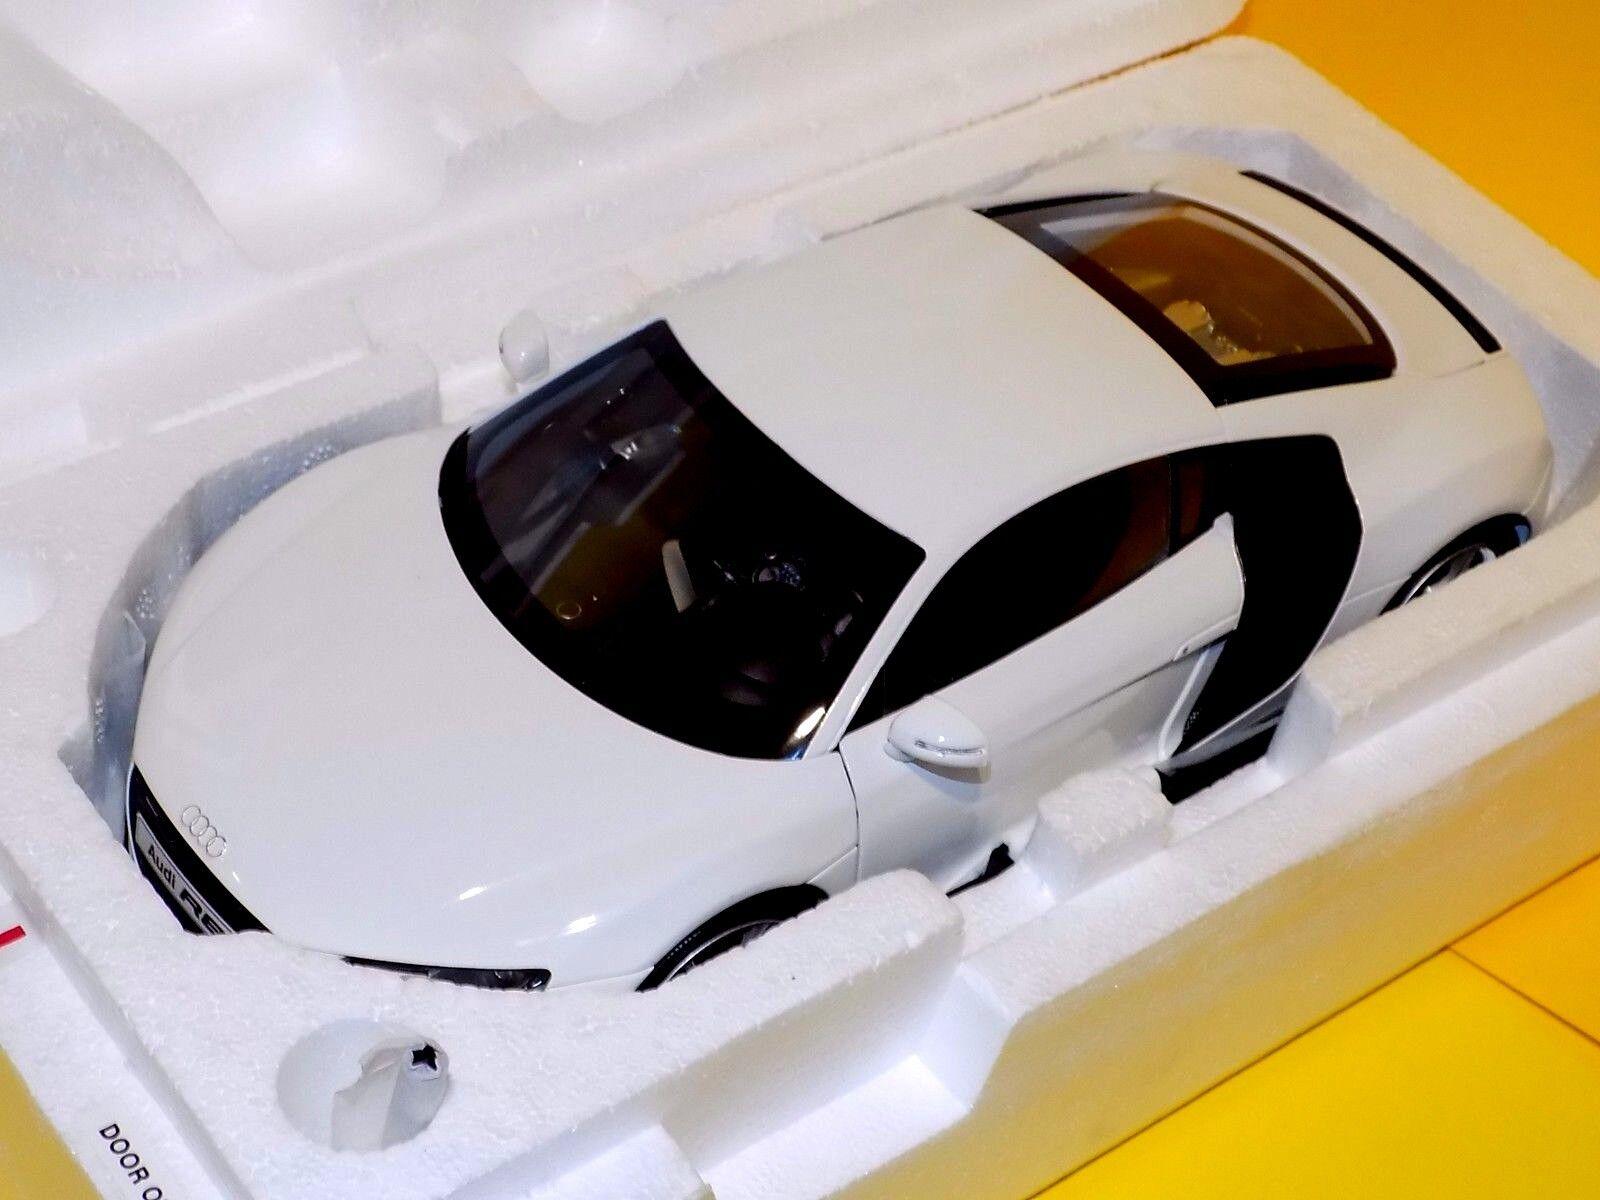 AUDI R8  4.2 FSI V8 2007 WHITE  KYOSHO 09213W   1 18